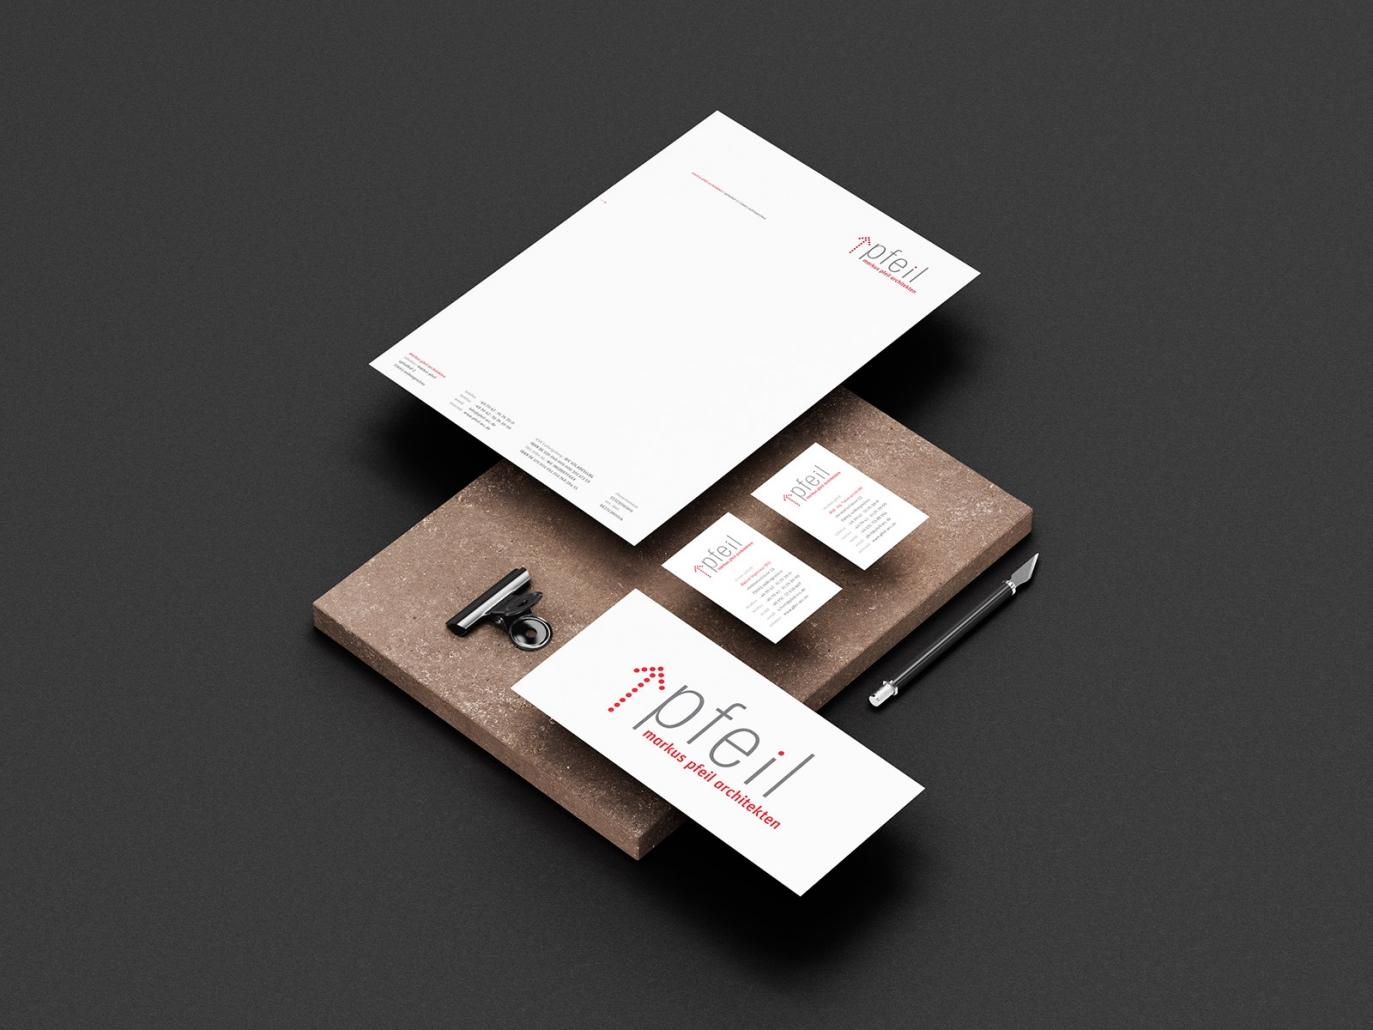 Visitenkarten & Briefpapier für markus pfeil architekten